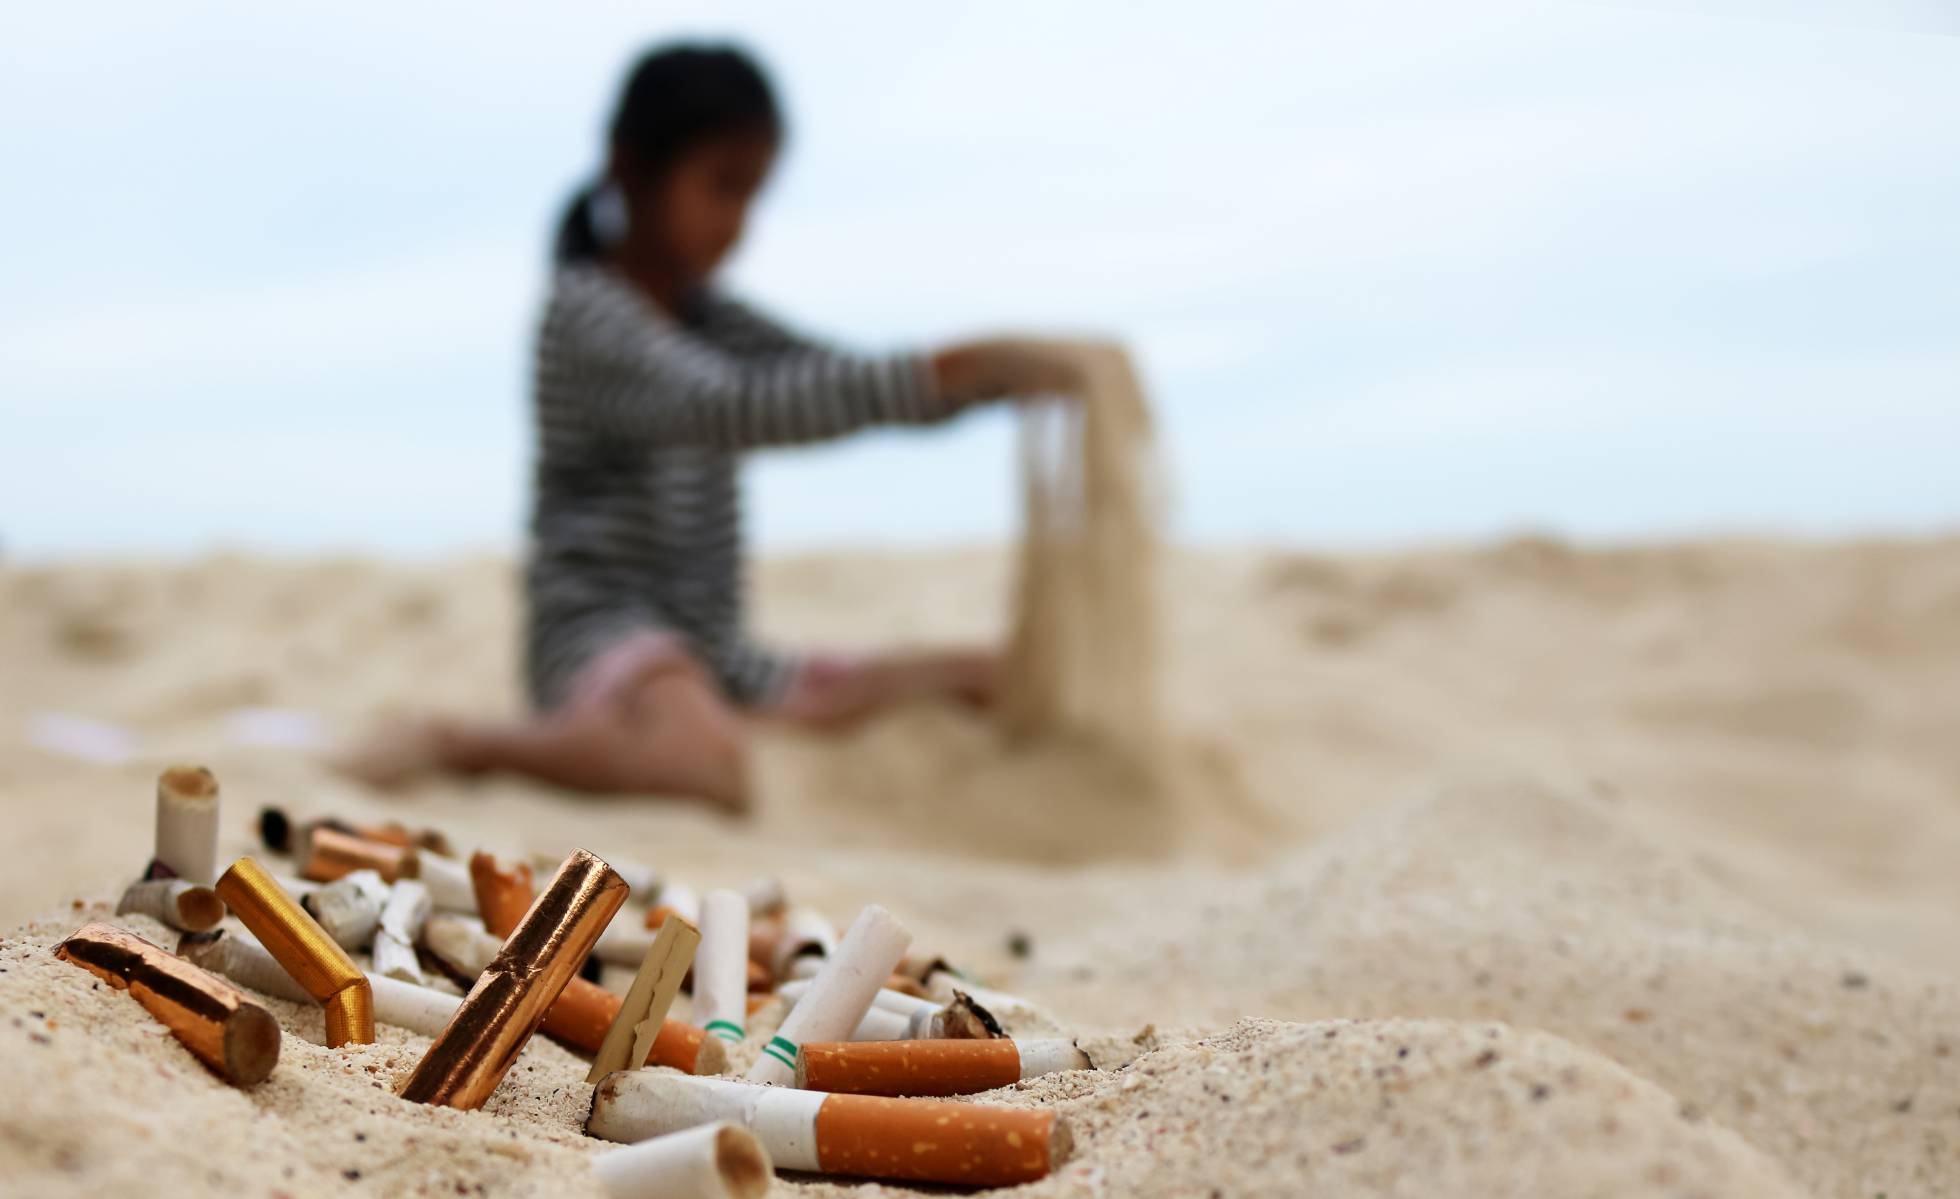 Активные жители Испании помогают очищать пляжи от окурков